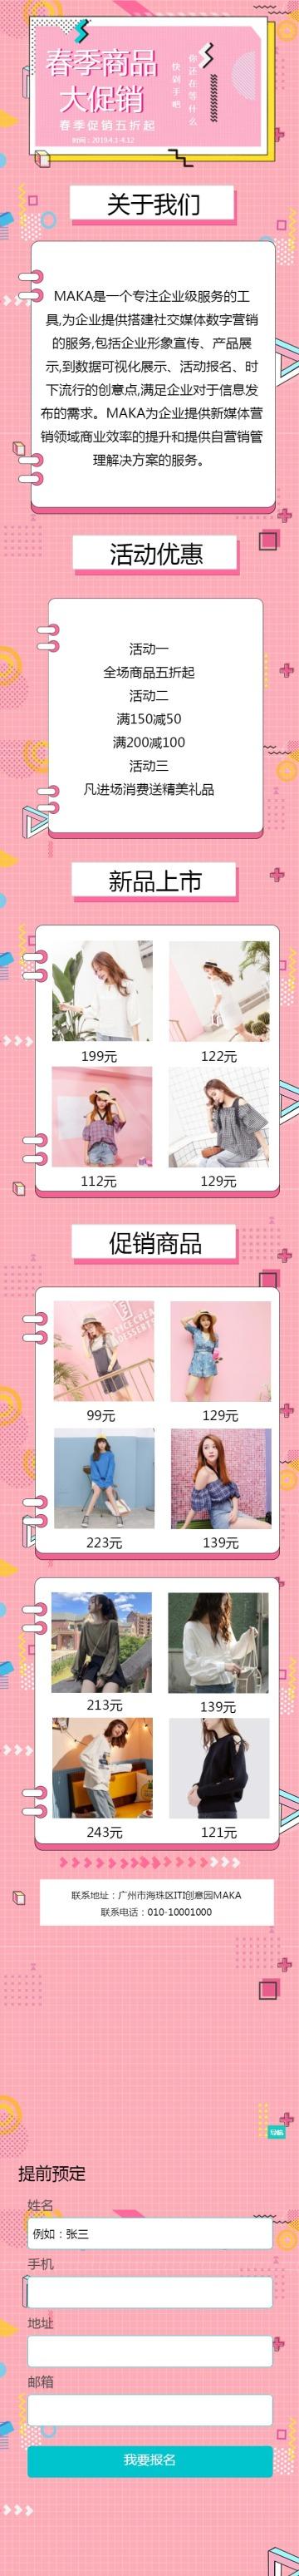 春季粉色扁平几何商品促销宣传单页